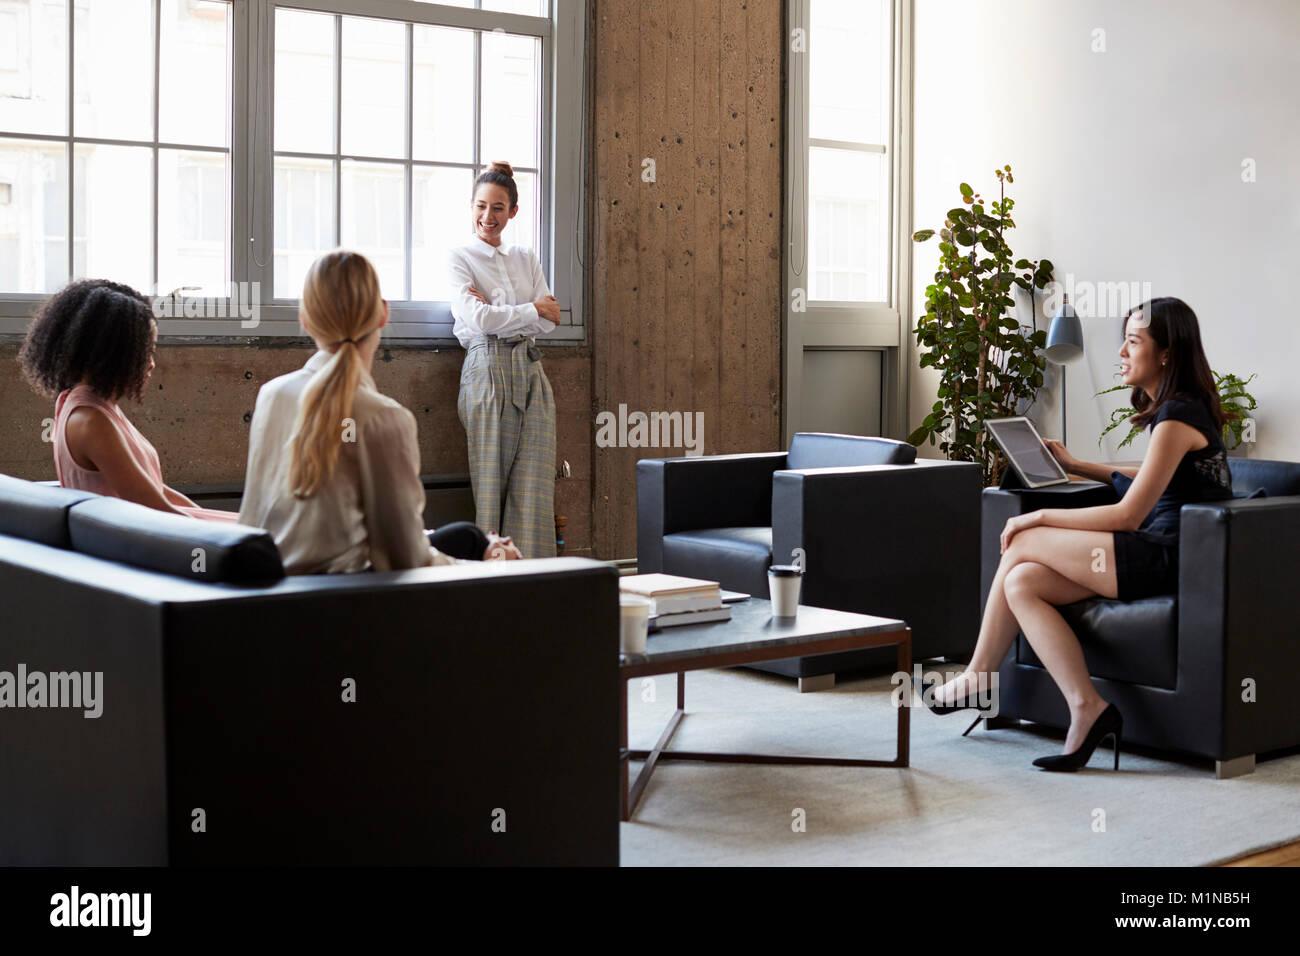 Data Manager femenino con los brazos cruzados en la reunión casual Imagen De Stock